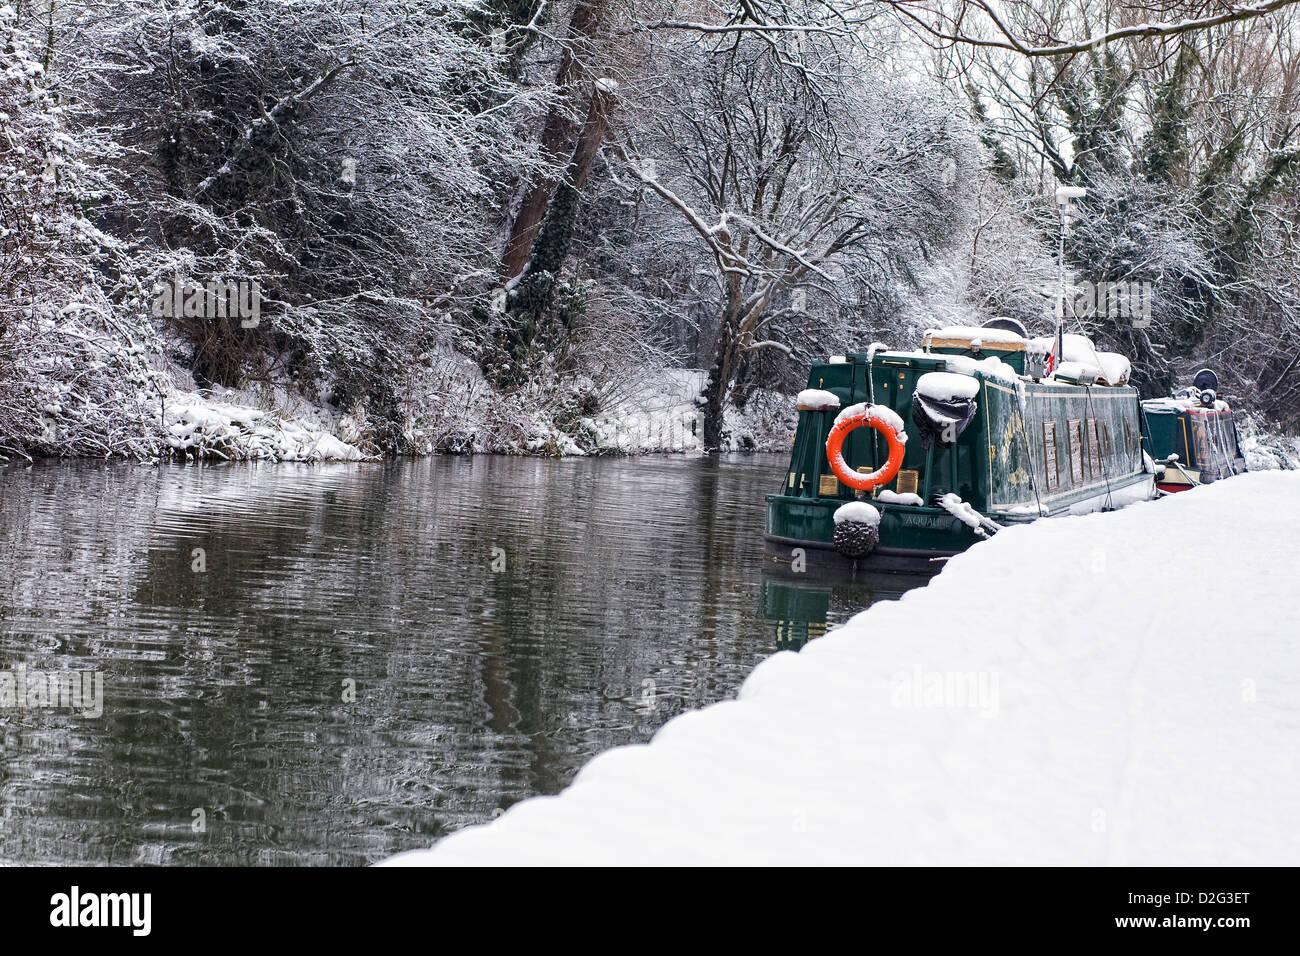 Narrowboats sur le canal d'Oxford à Banbury en hiver, l'Oxfordshire. Photo Stock